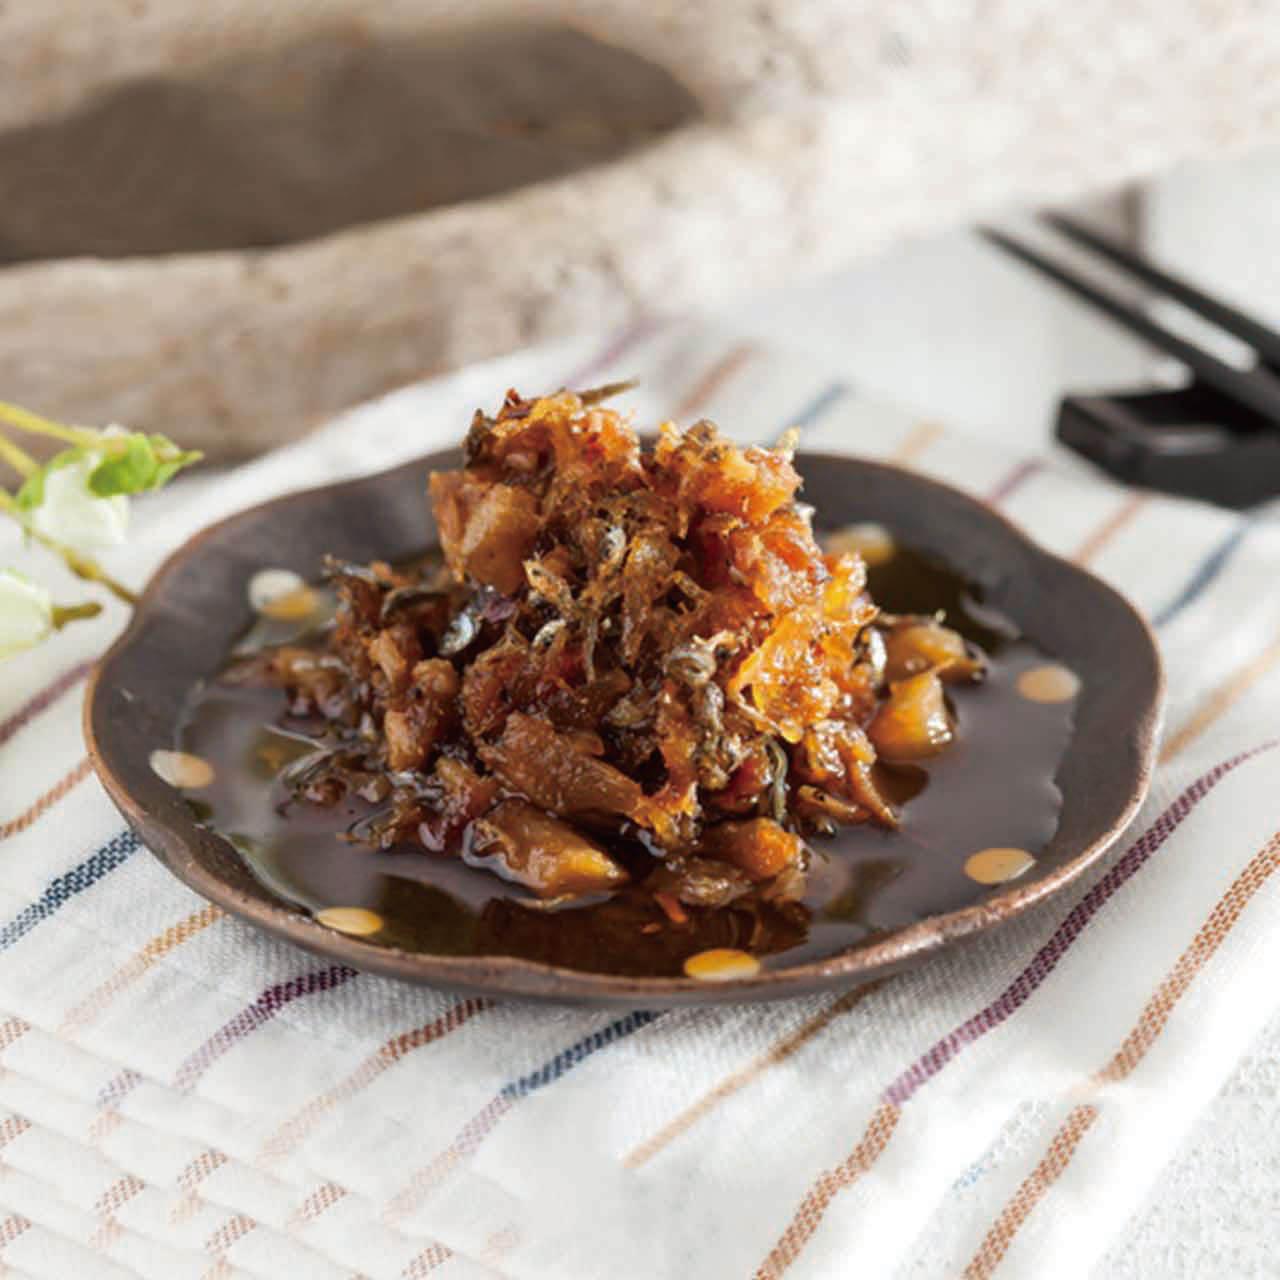 【XO干貝醬】 茄萣名產 超好吃 快速出貨 大辣 小辣 拌飯拌麵好滋味